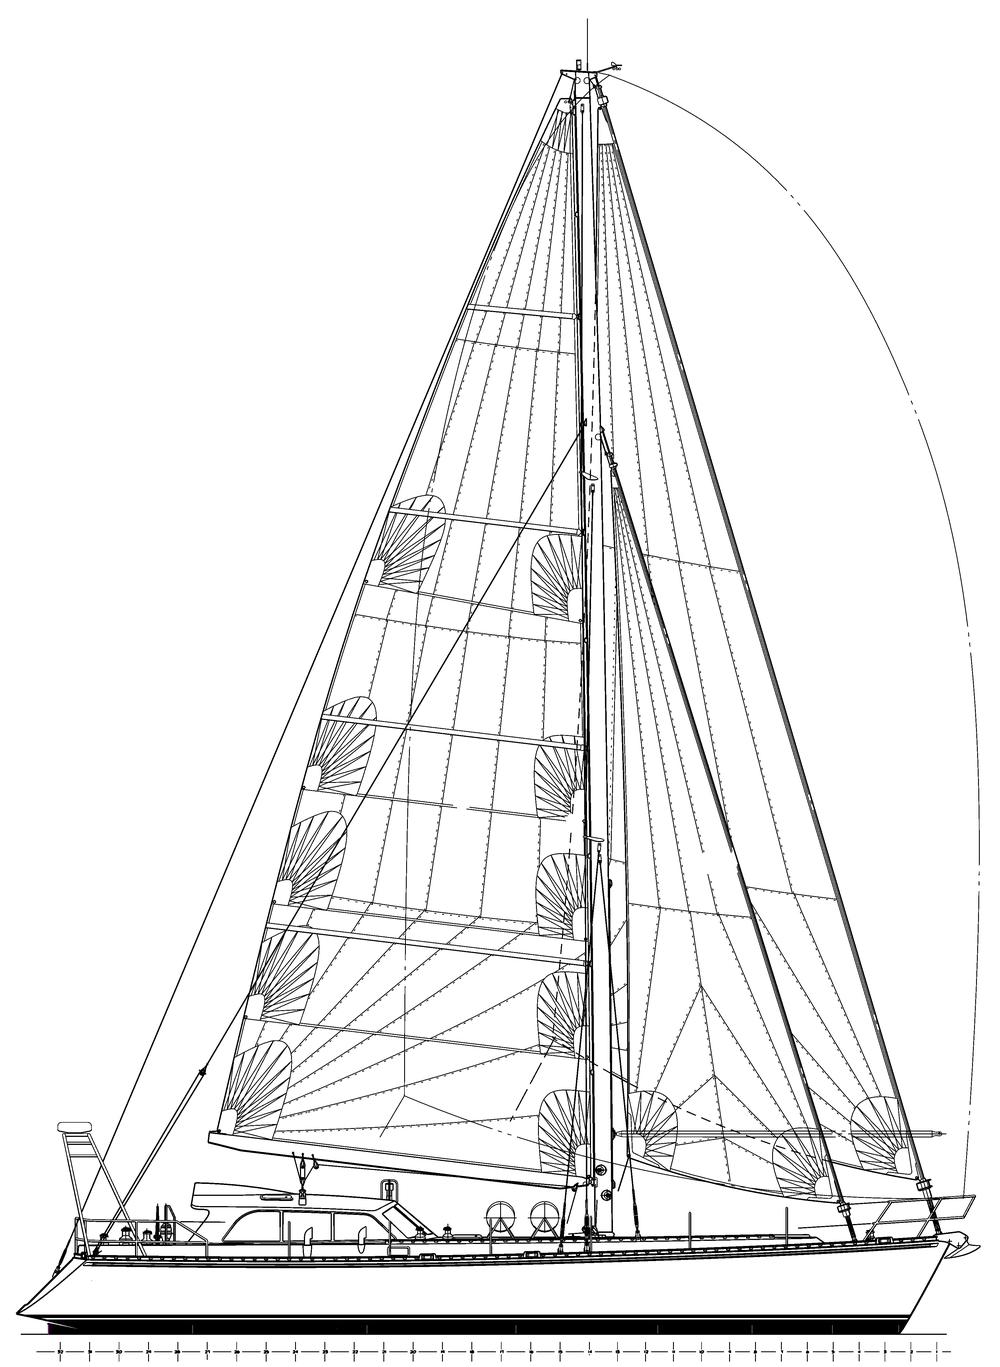 seal_sail_plan.png